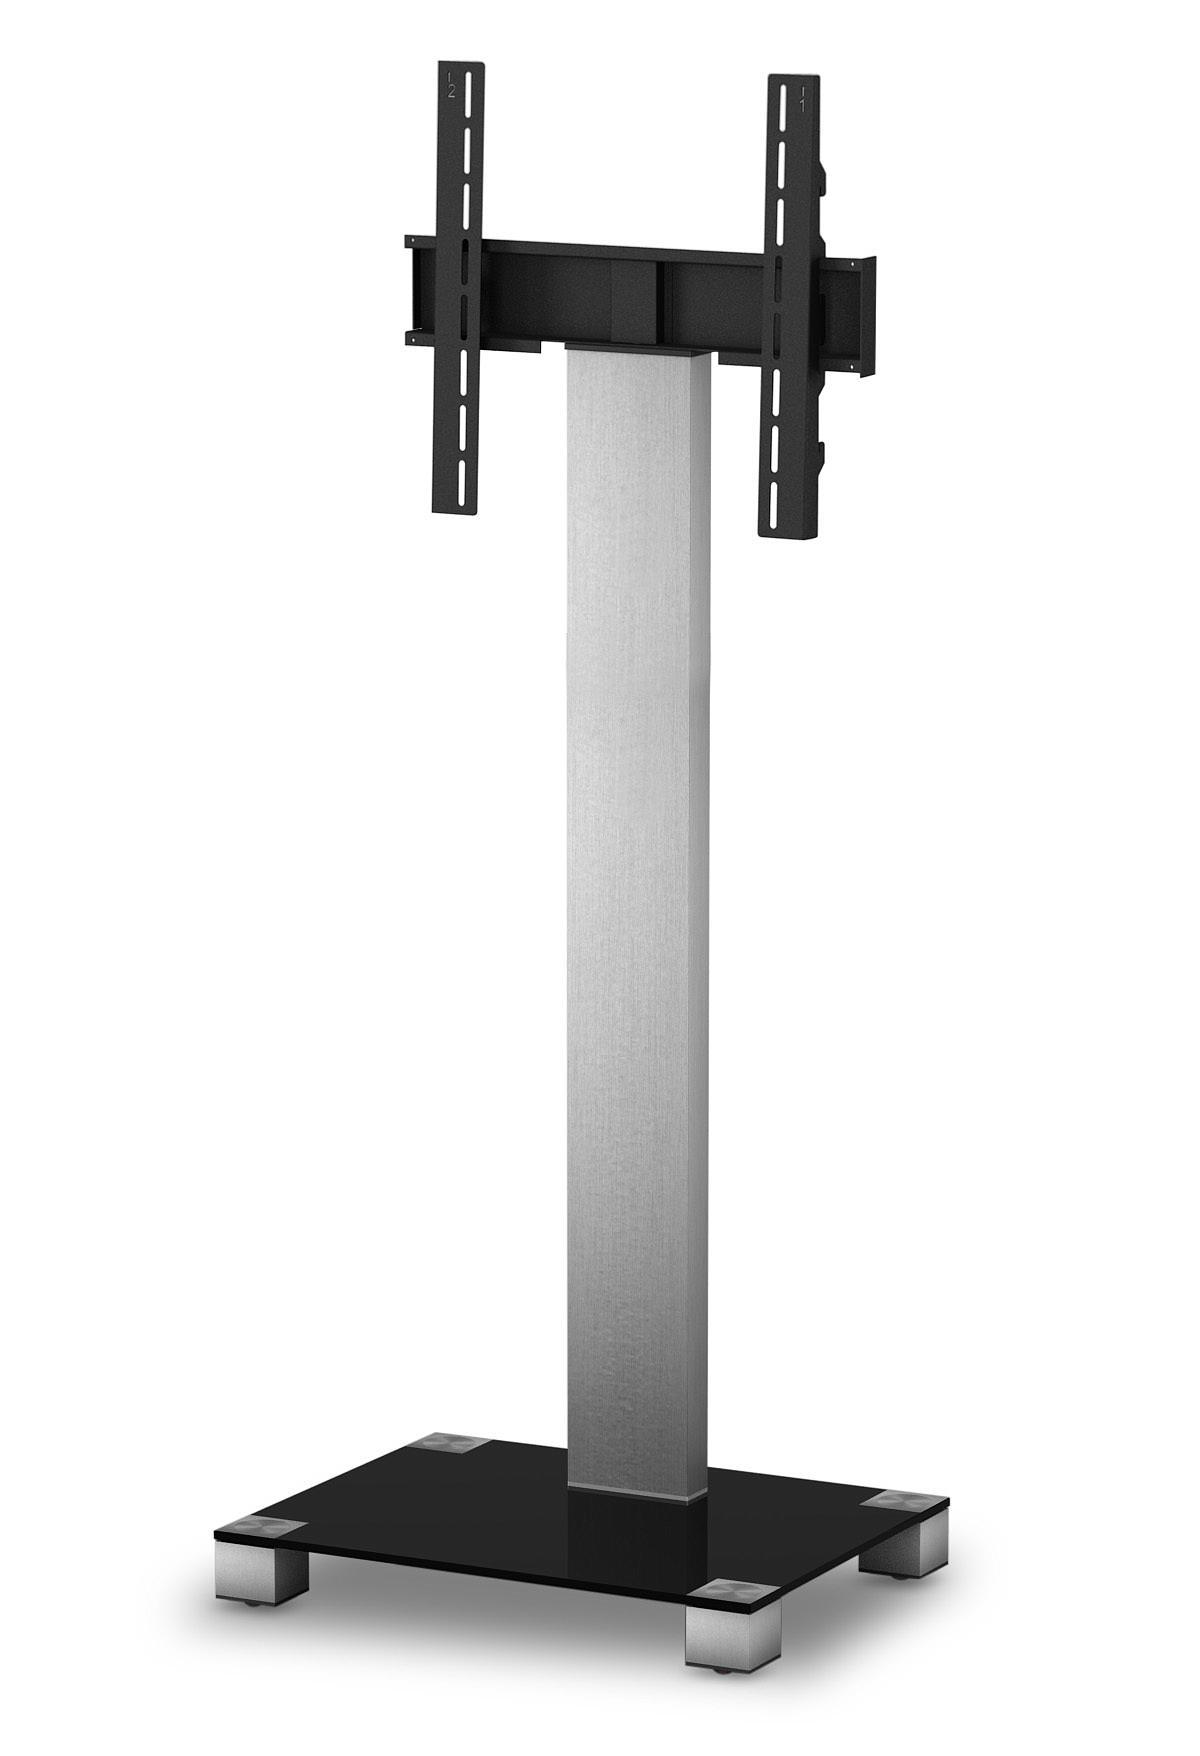 sonorous meuble tv pr2550 b inx verre noir et inox online shop pour hifi tv lowboard support. Black Bedroom Furniture Sets. Home Design Ideas